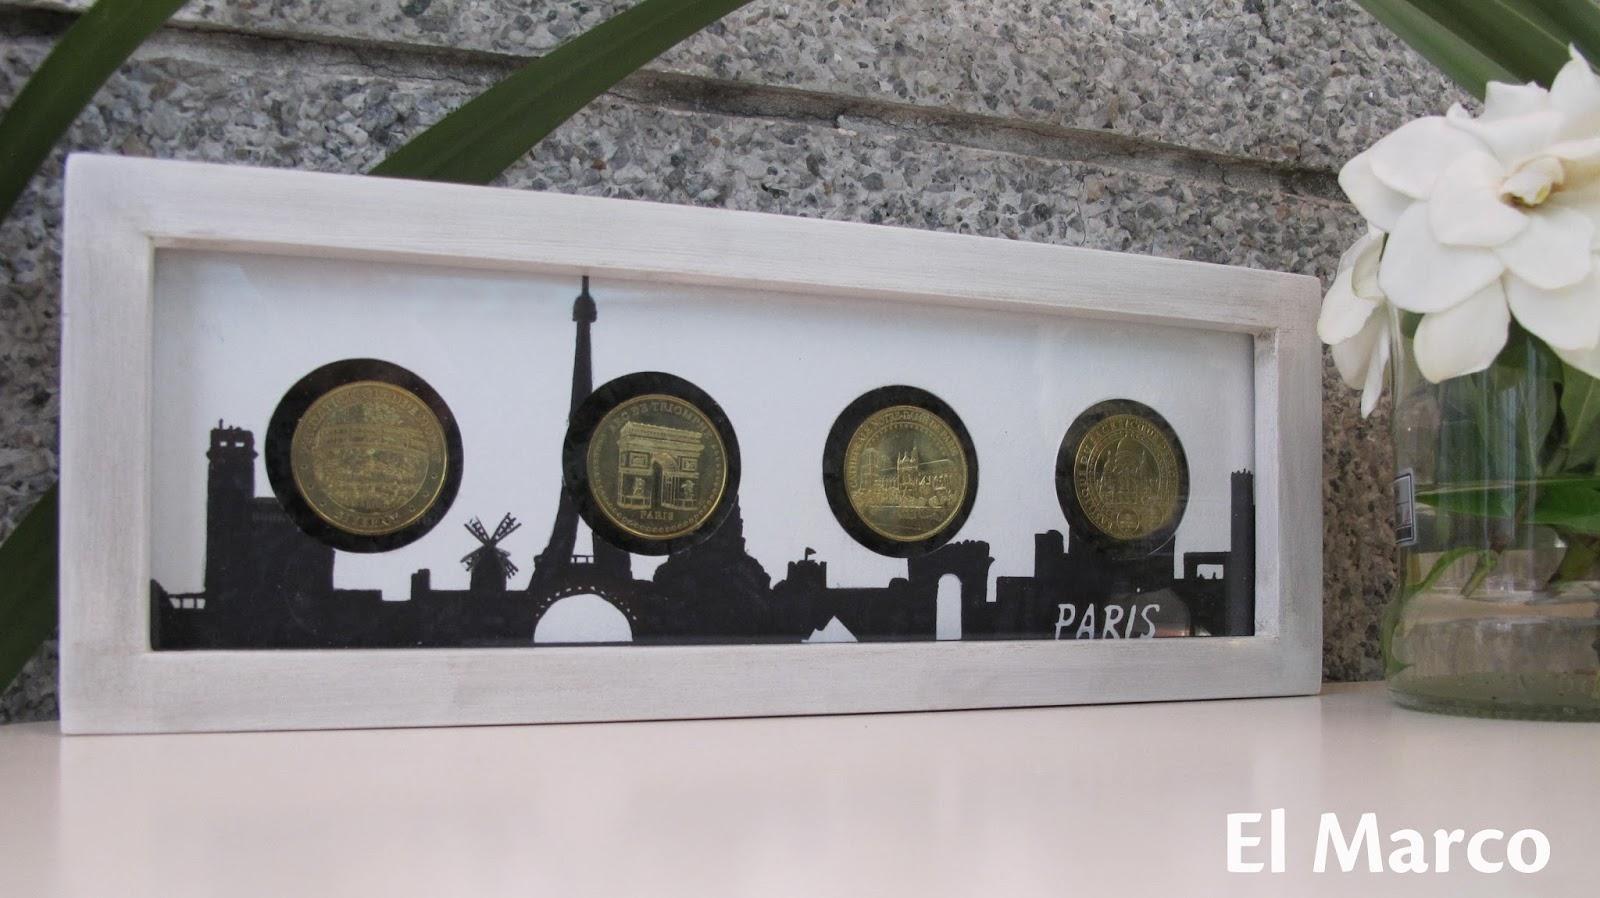 El Marco: Enmarcado de Monedas